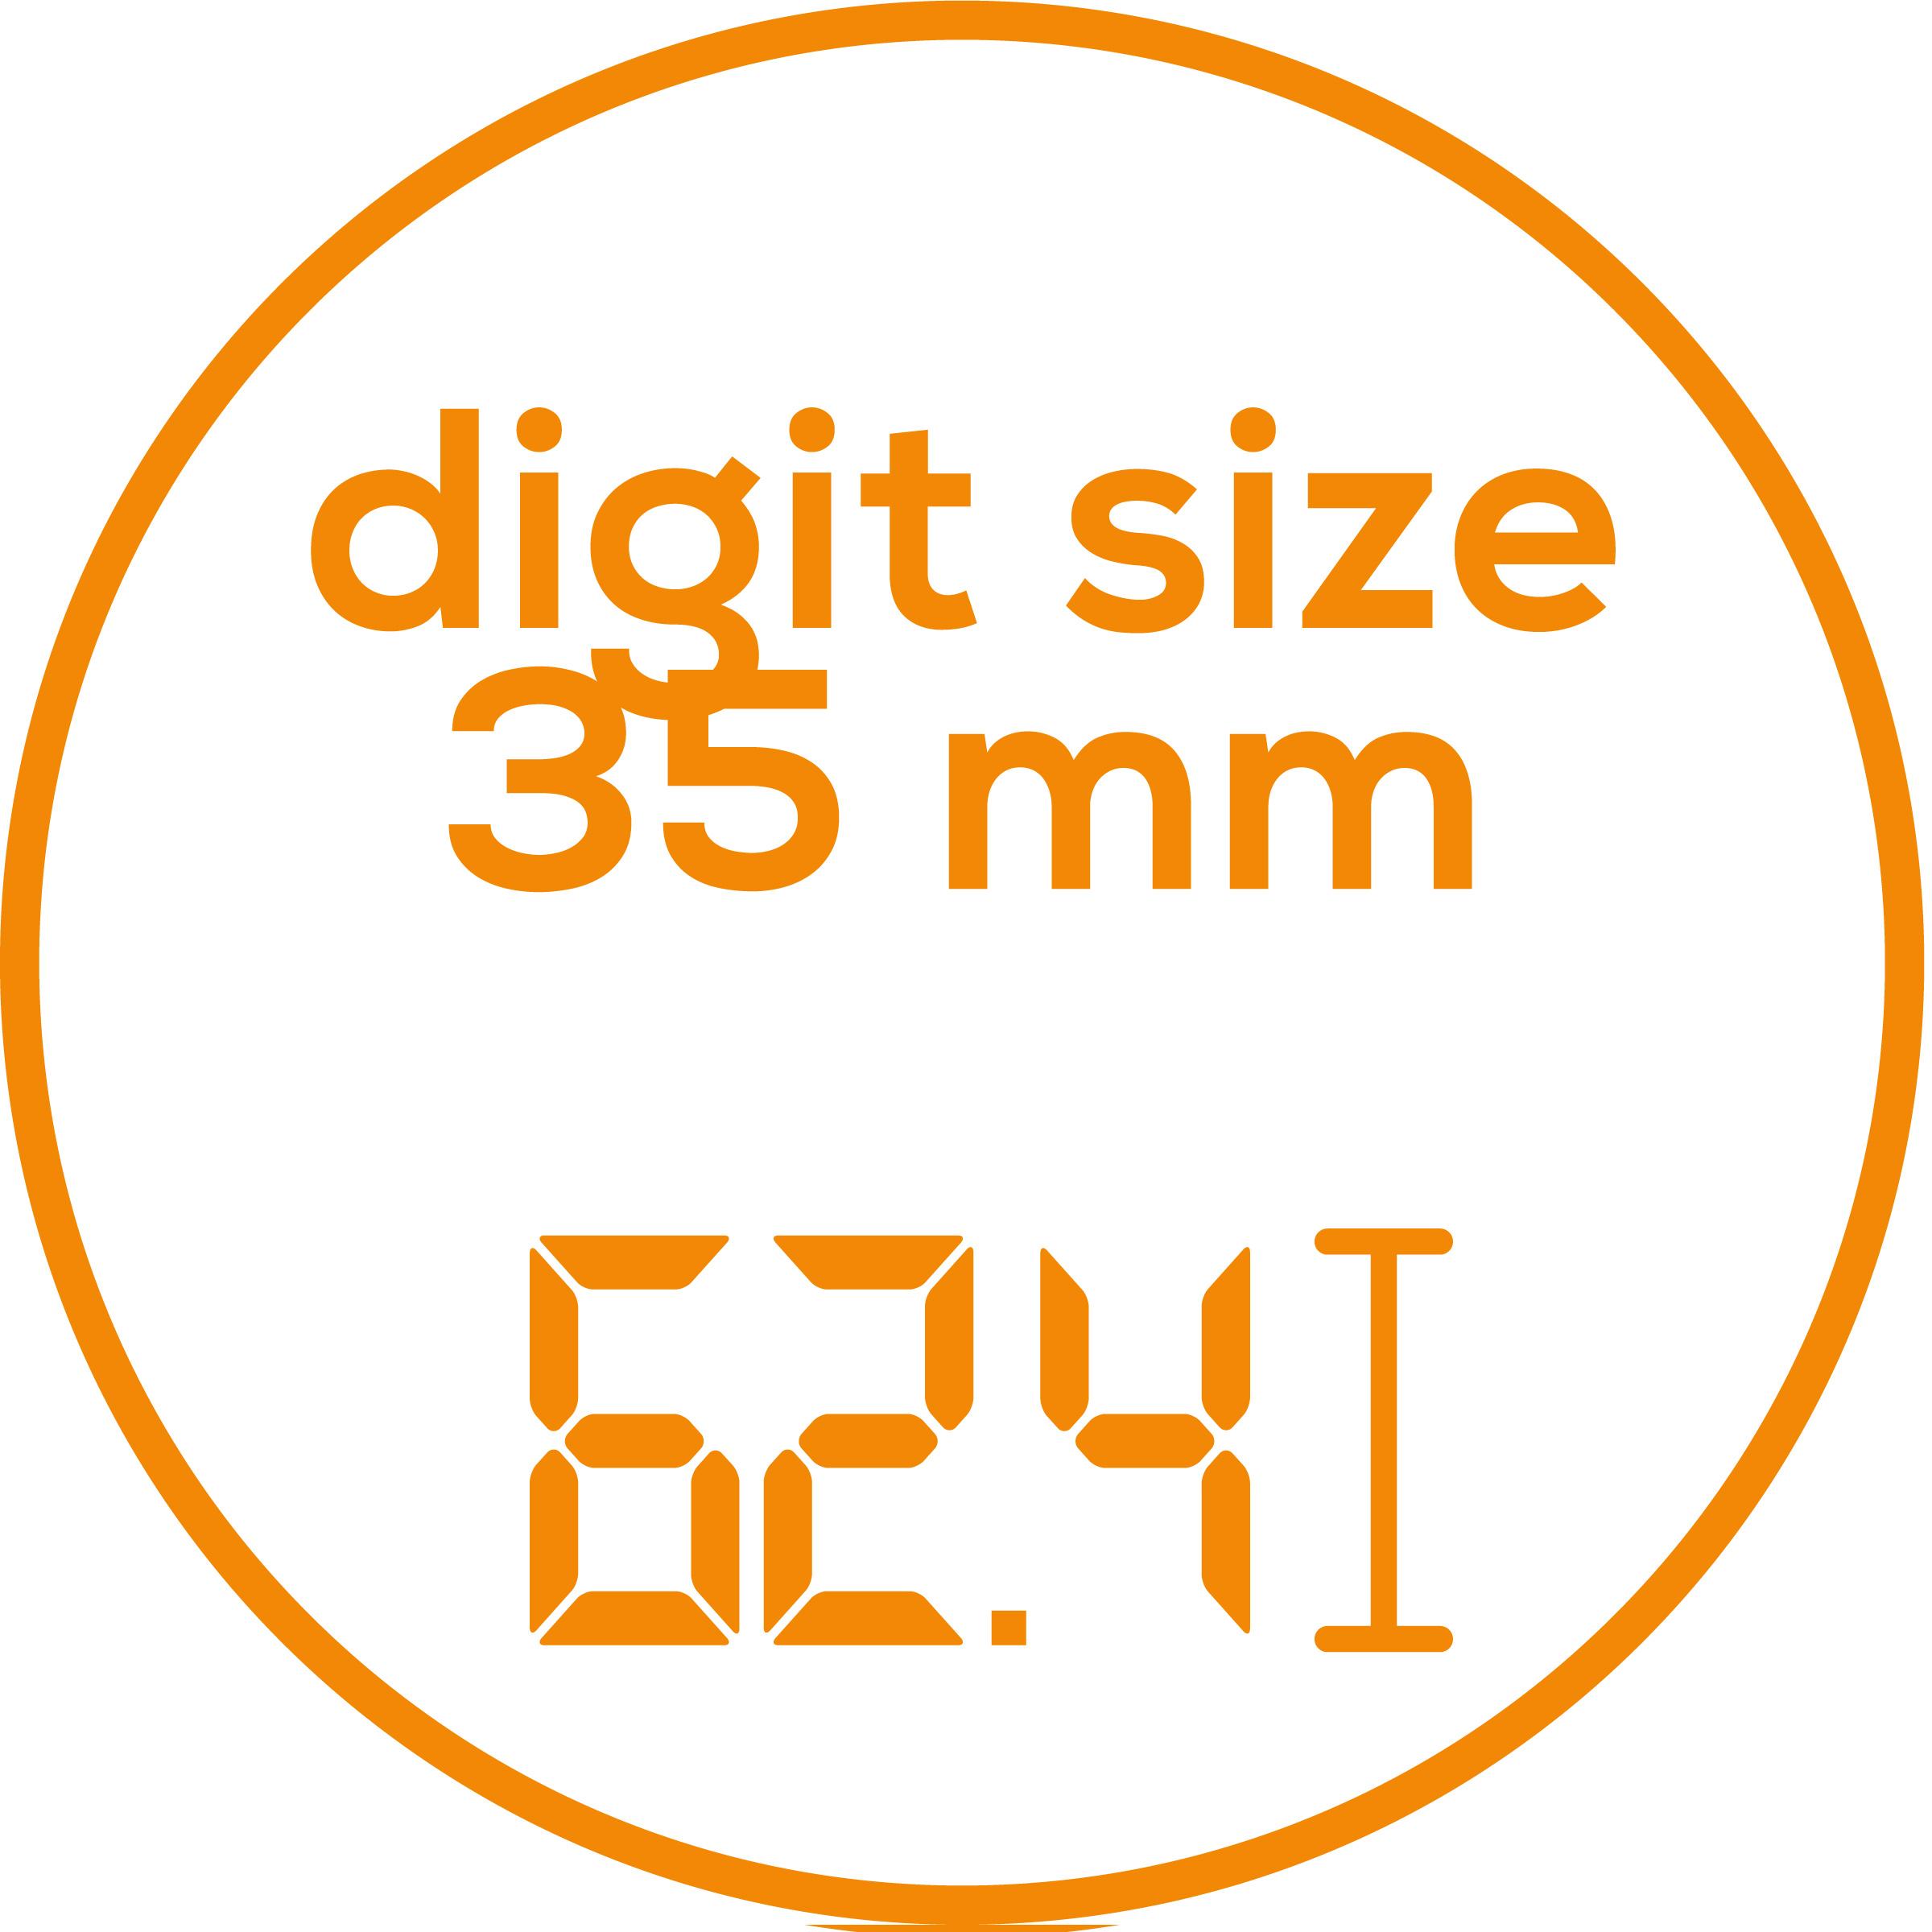 Taille des chiffres Taille des chiffres: 35mm